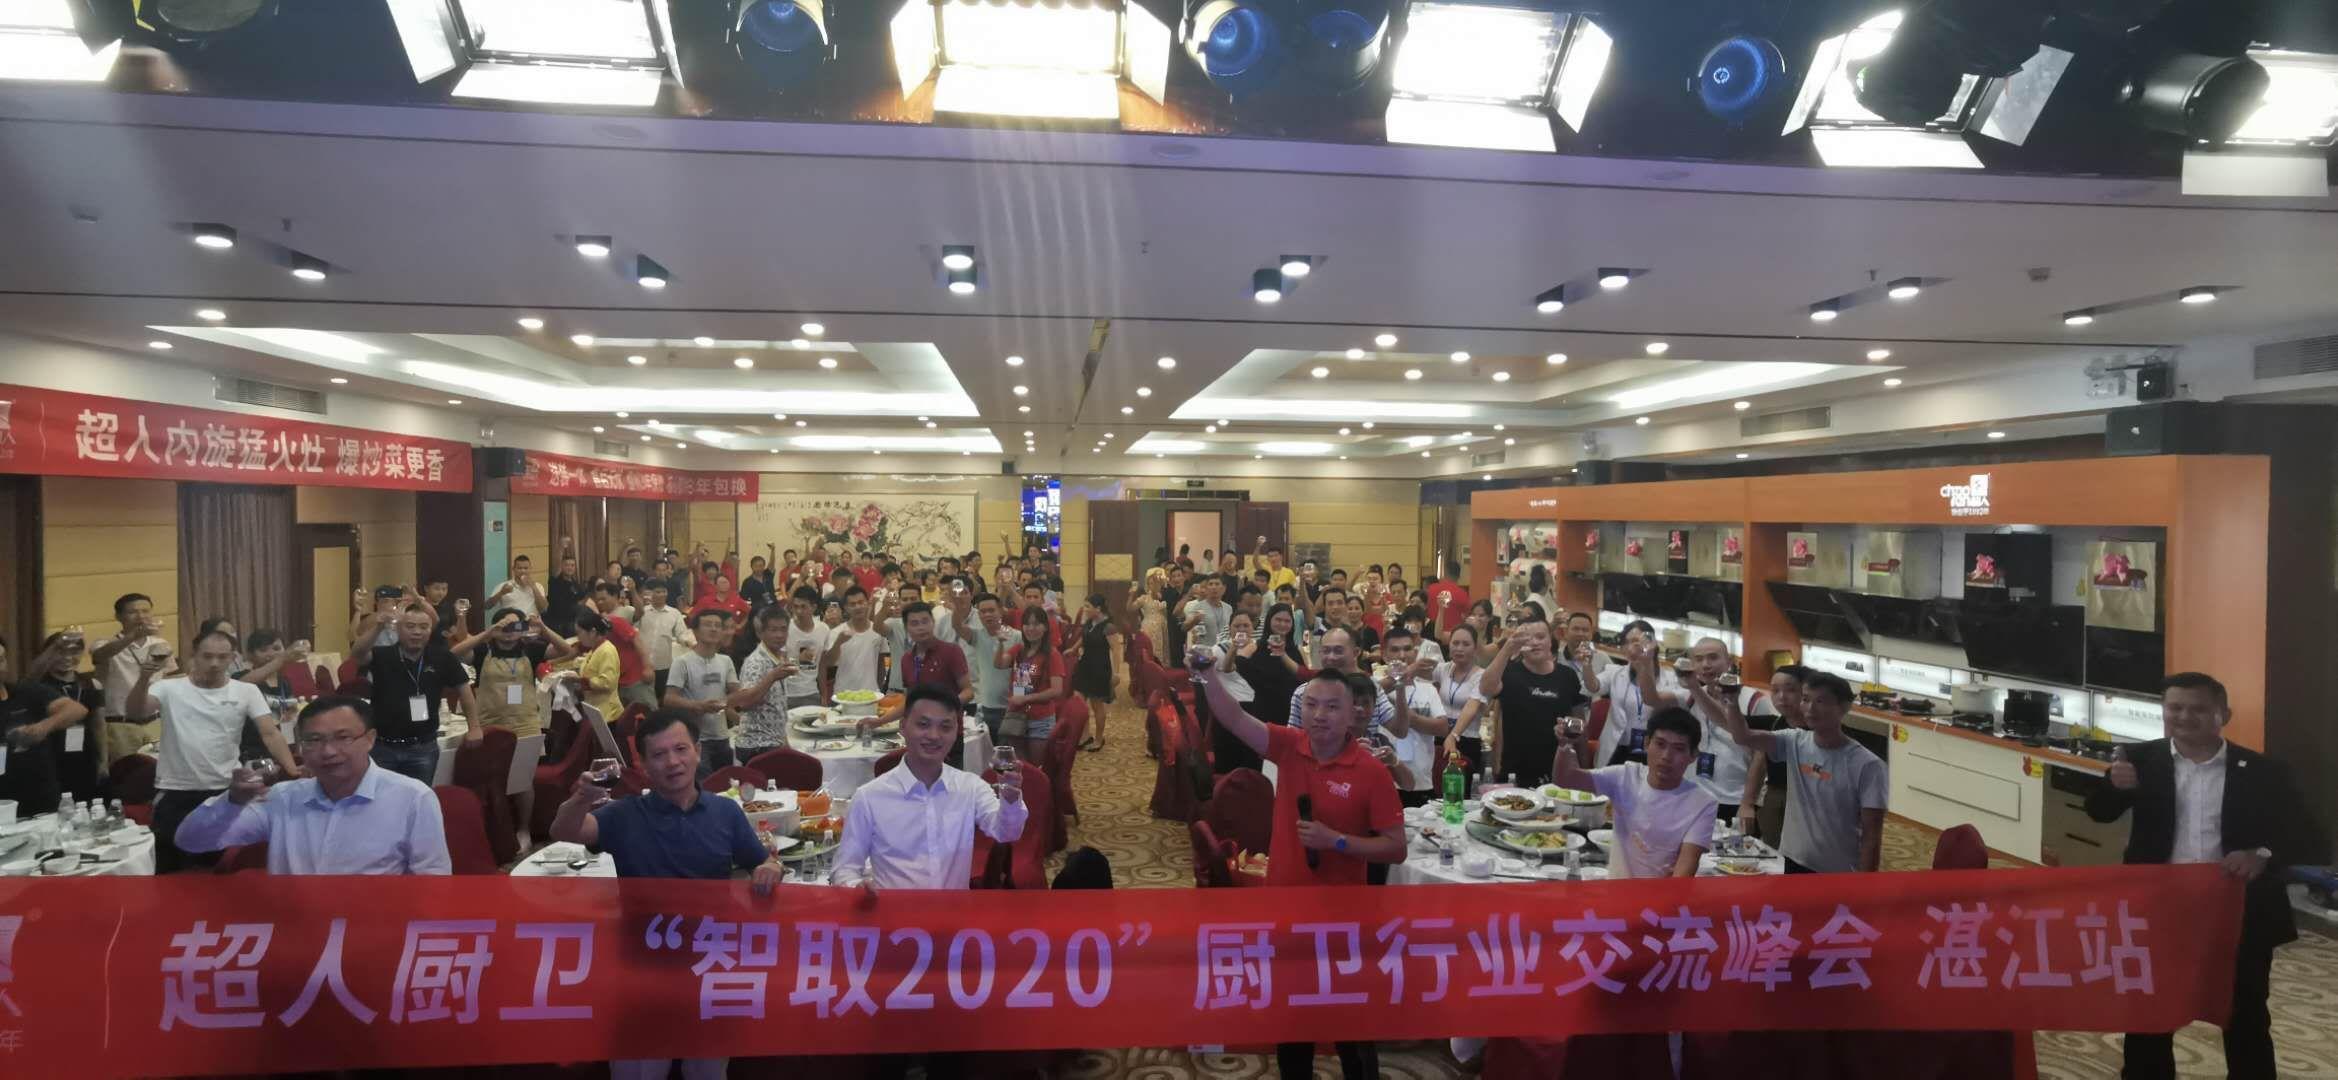 """现场收款破百万!超人""""智取2020""""厨卫行业交流峰会——湛江站圆满结束"""